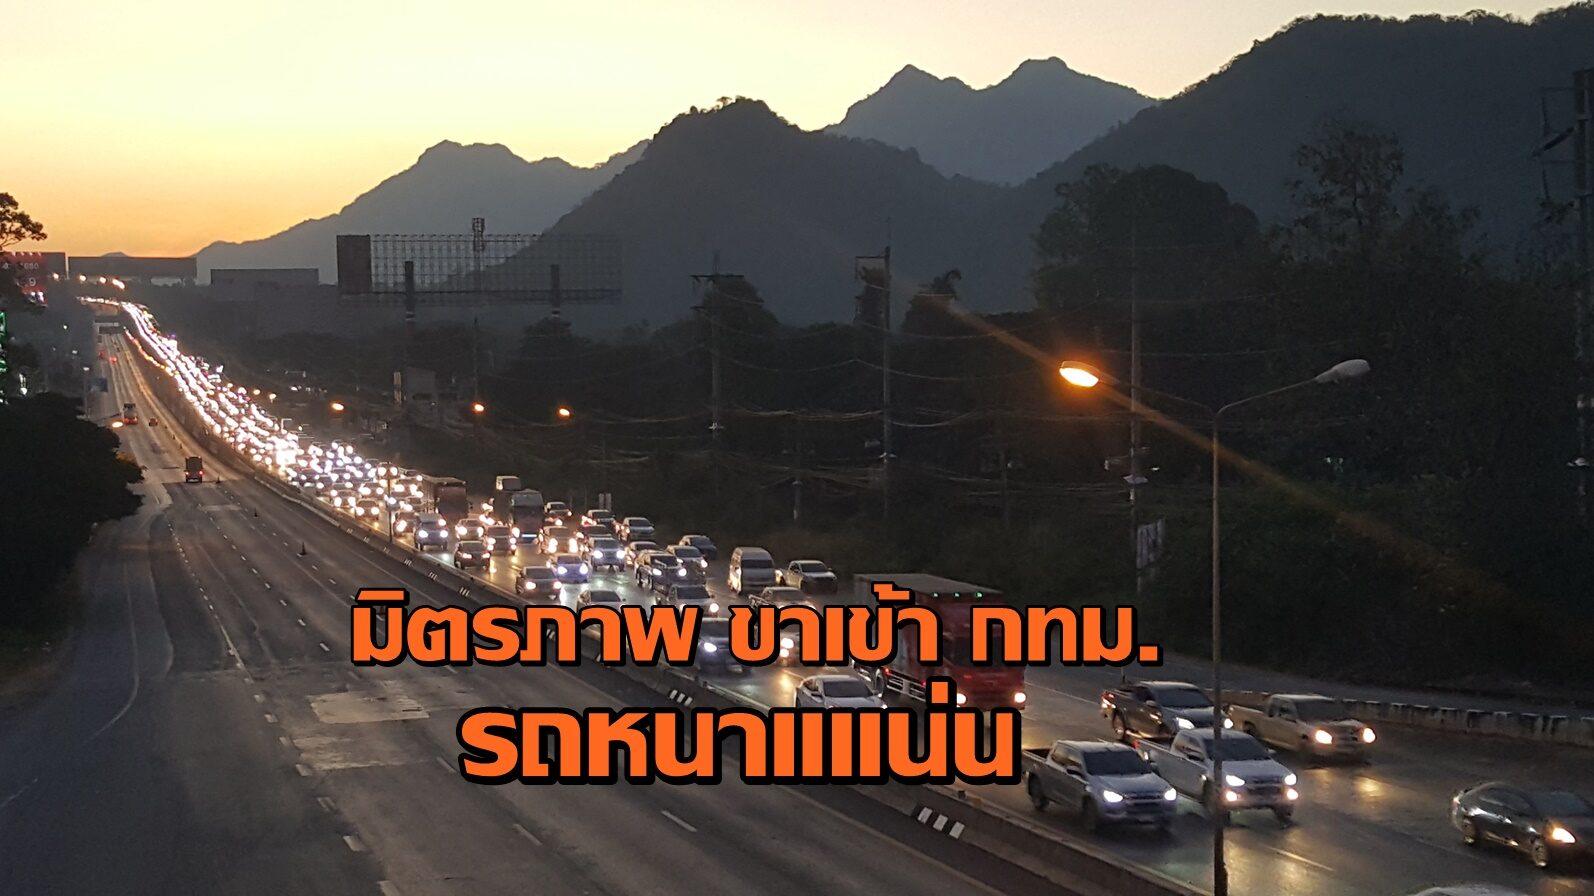 เช้ารุ่งอรุณ ถนนมิตรภาพ ขาเข้า กทม. ปริมาณรถหนาแน่นมาก